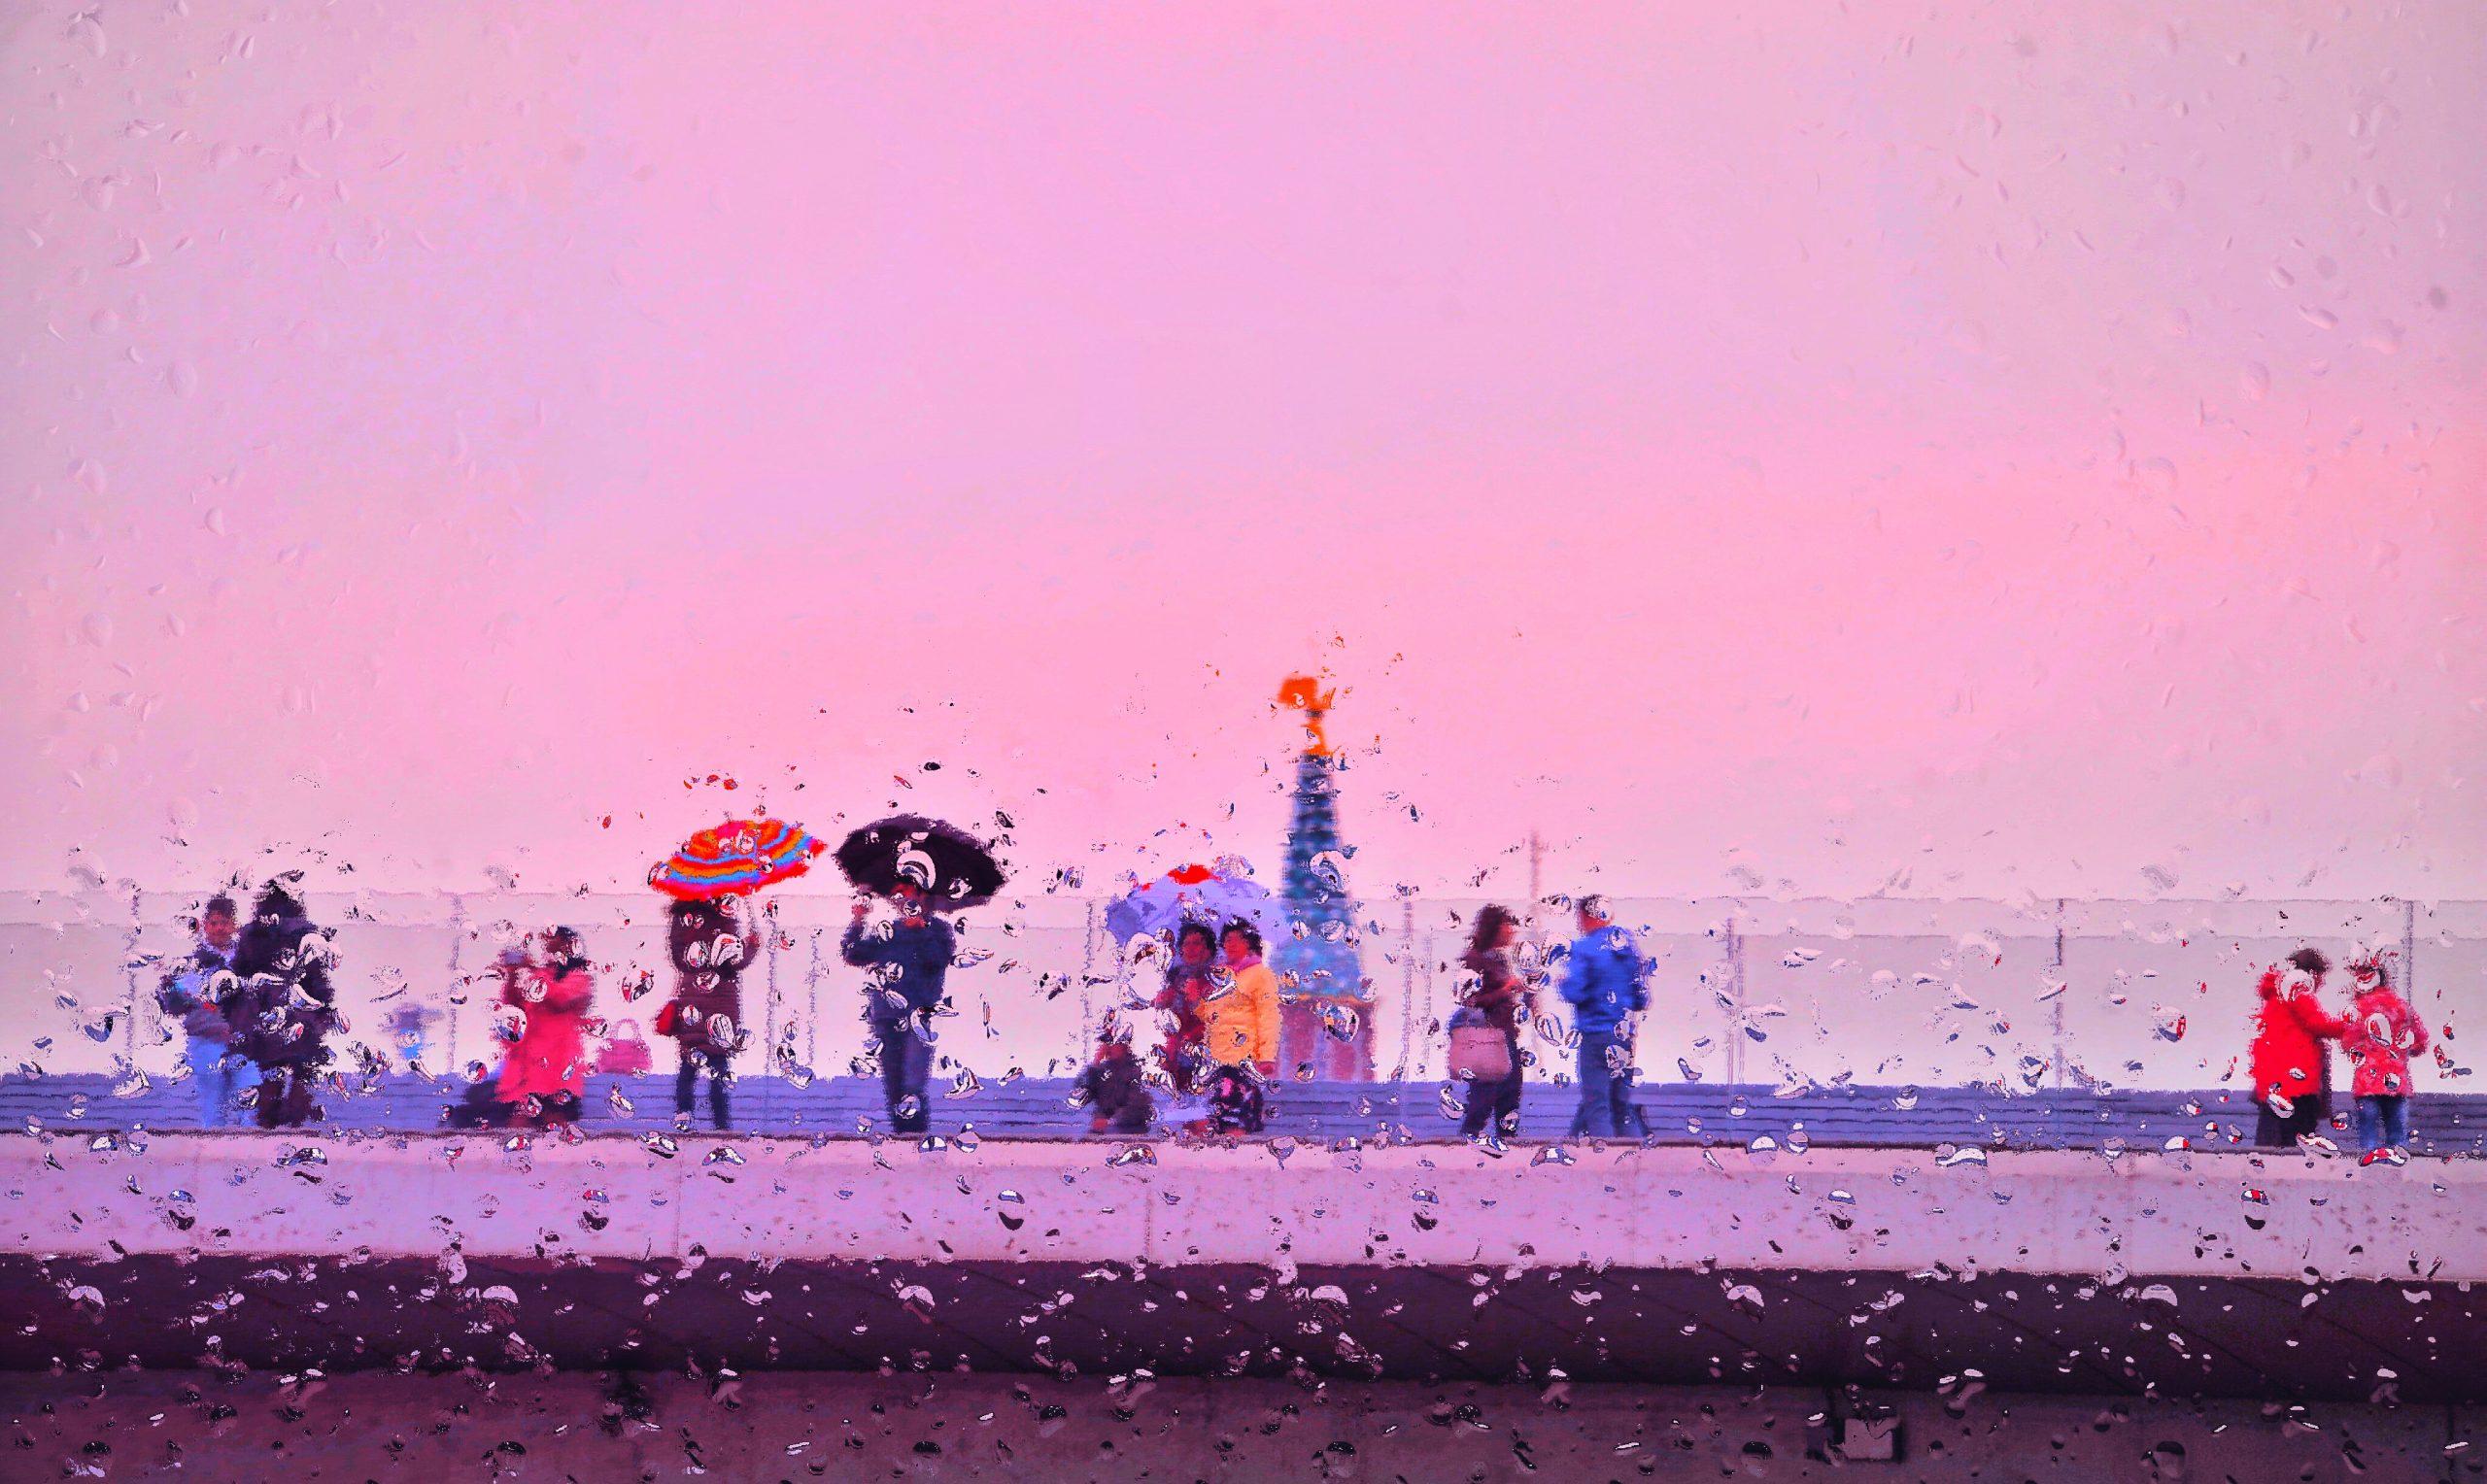 Понадобится зонт. Фото: Анна Каунис, «Вечерняя Москва»